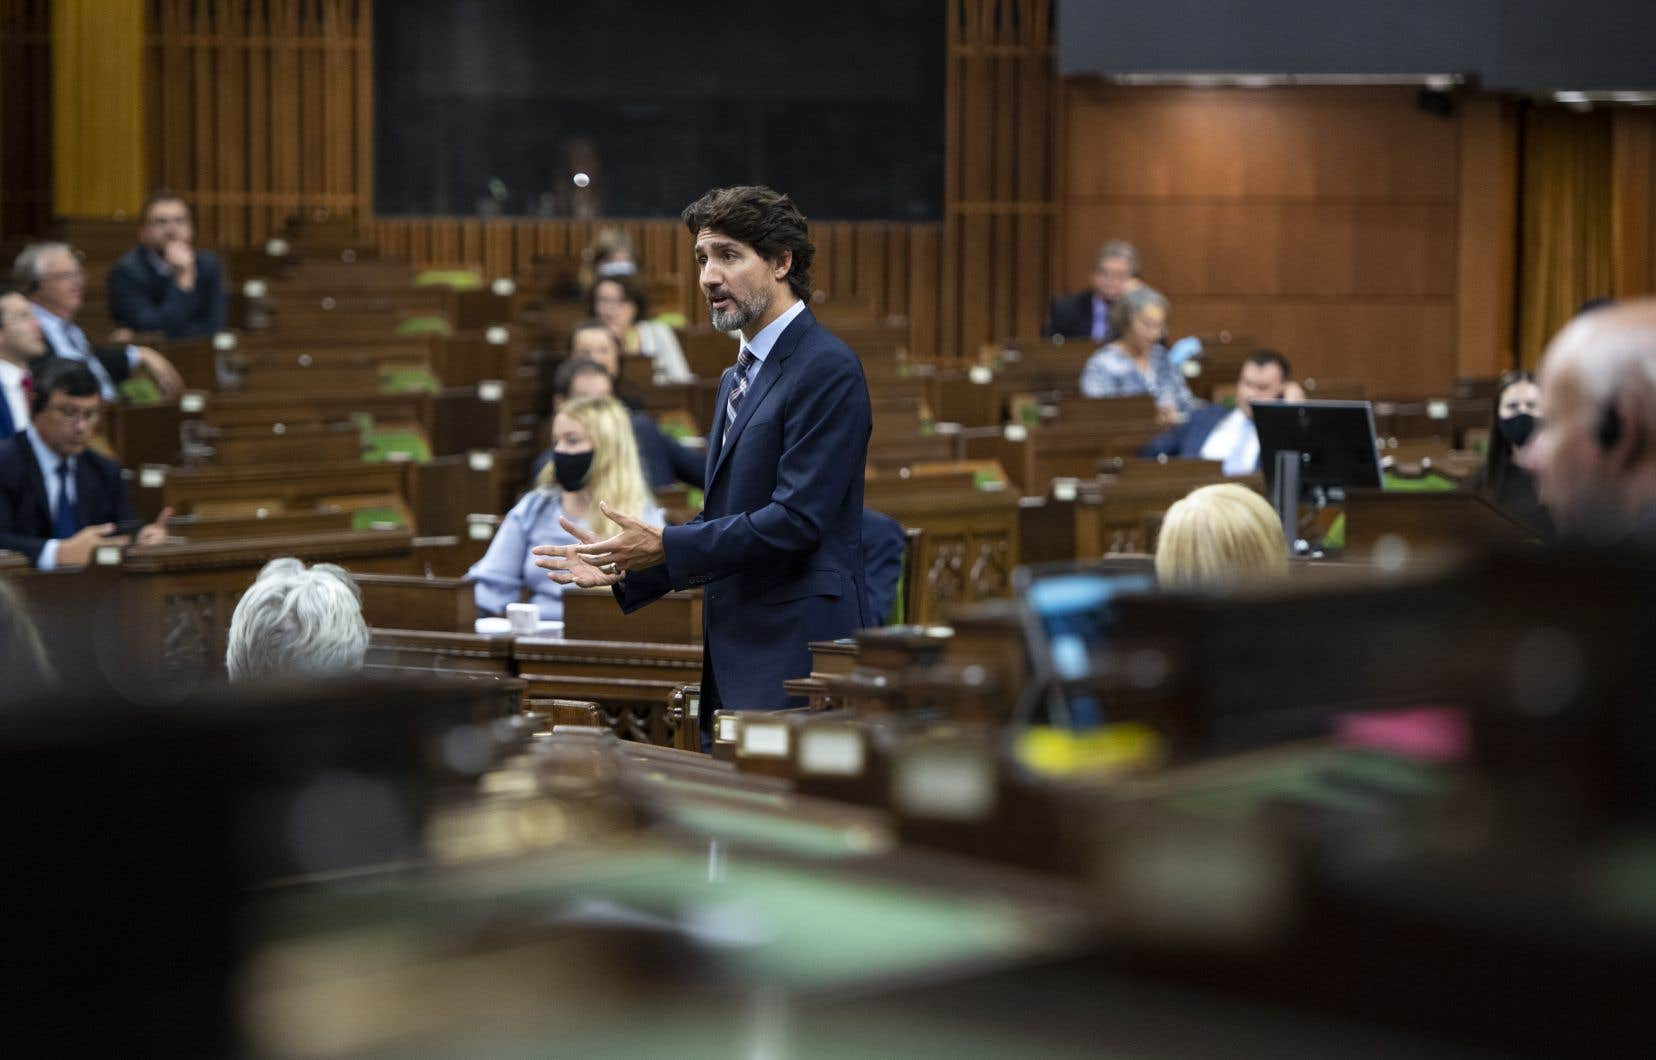 «Les conservateurs ont choisi d'avancer une motion qui établit clairement qu'ils n'ont plus confiance dans ce gouvernement, alors les partis d'opposition auront un choix à faire: vont-ils continuer à faire fonctionner ce Parlement minoritaire ou ont-ils perdu confiance en ce gouvernement? C'est leur choix», a lancé Justin Trudeau mardi.